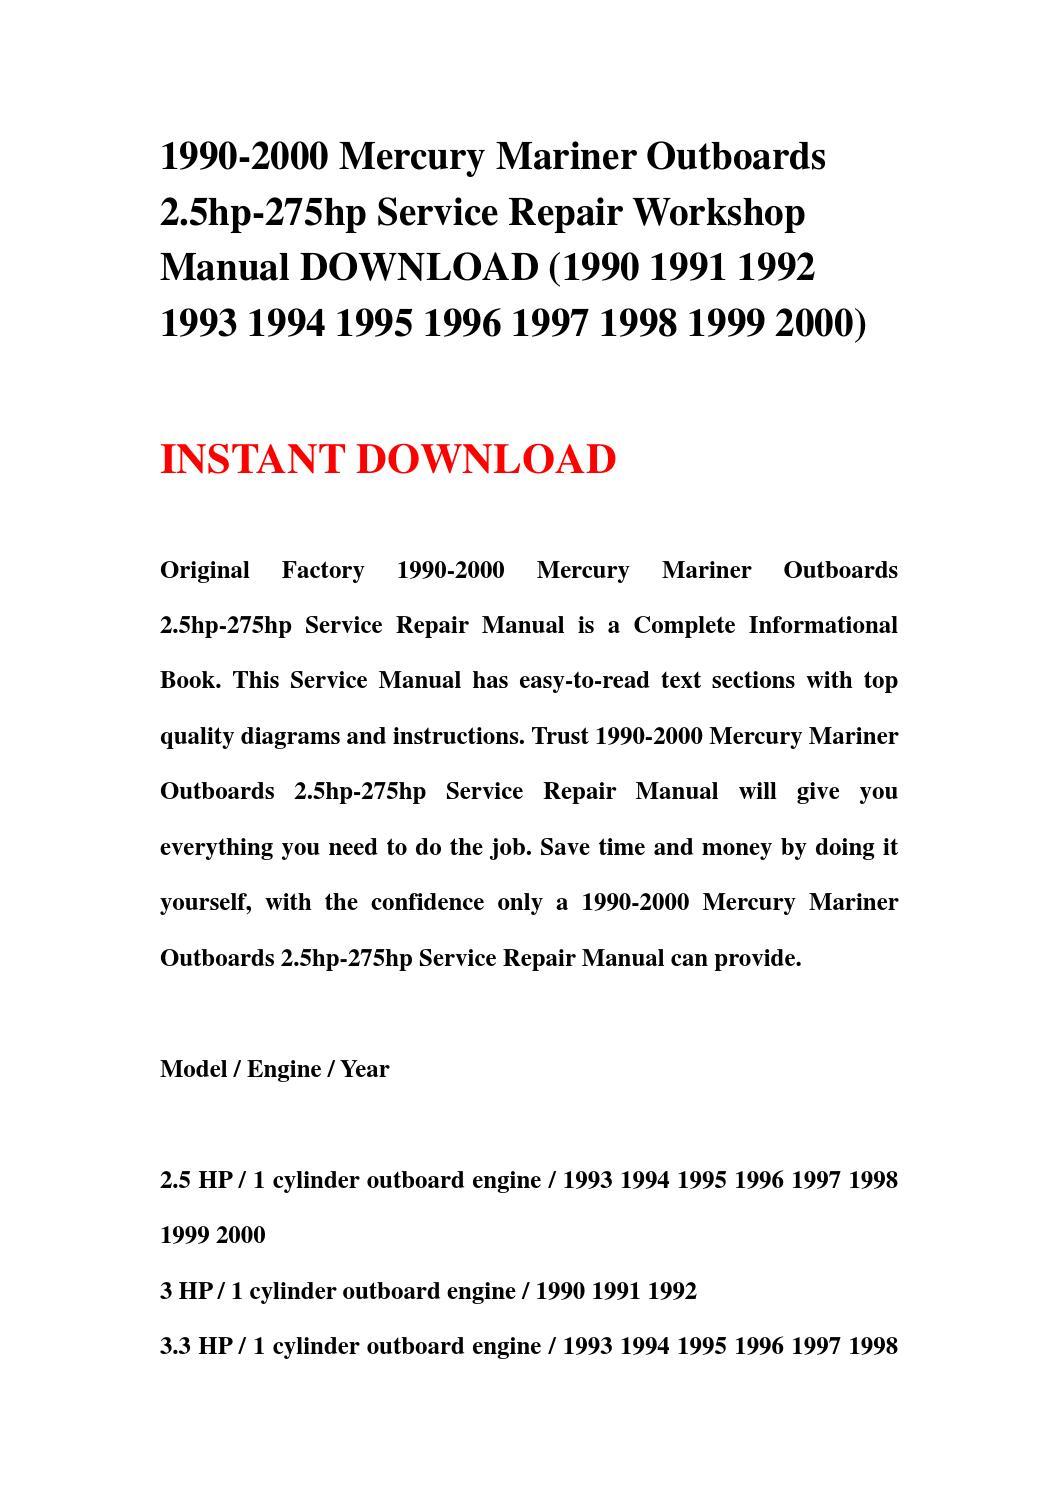 1990 2000 mercury mariner outboards 2 5hp 275hp service repair workshop  manual download (1990 1991 1 by jnshfne67 - issuu